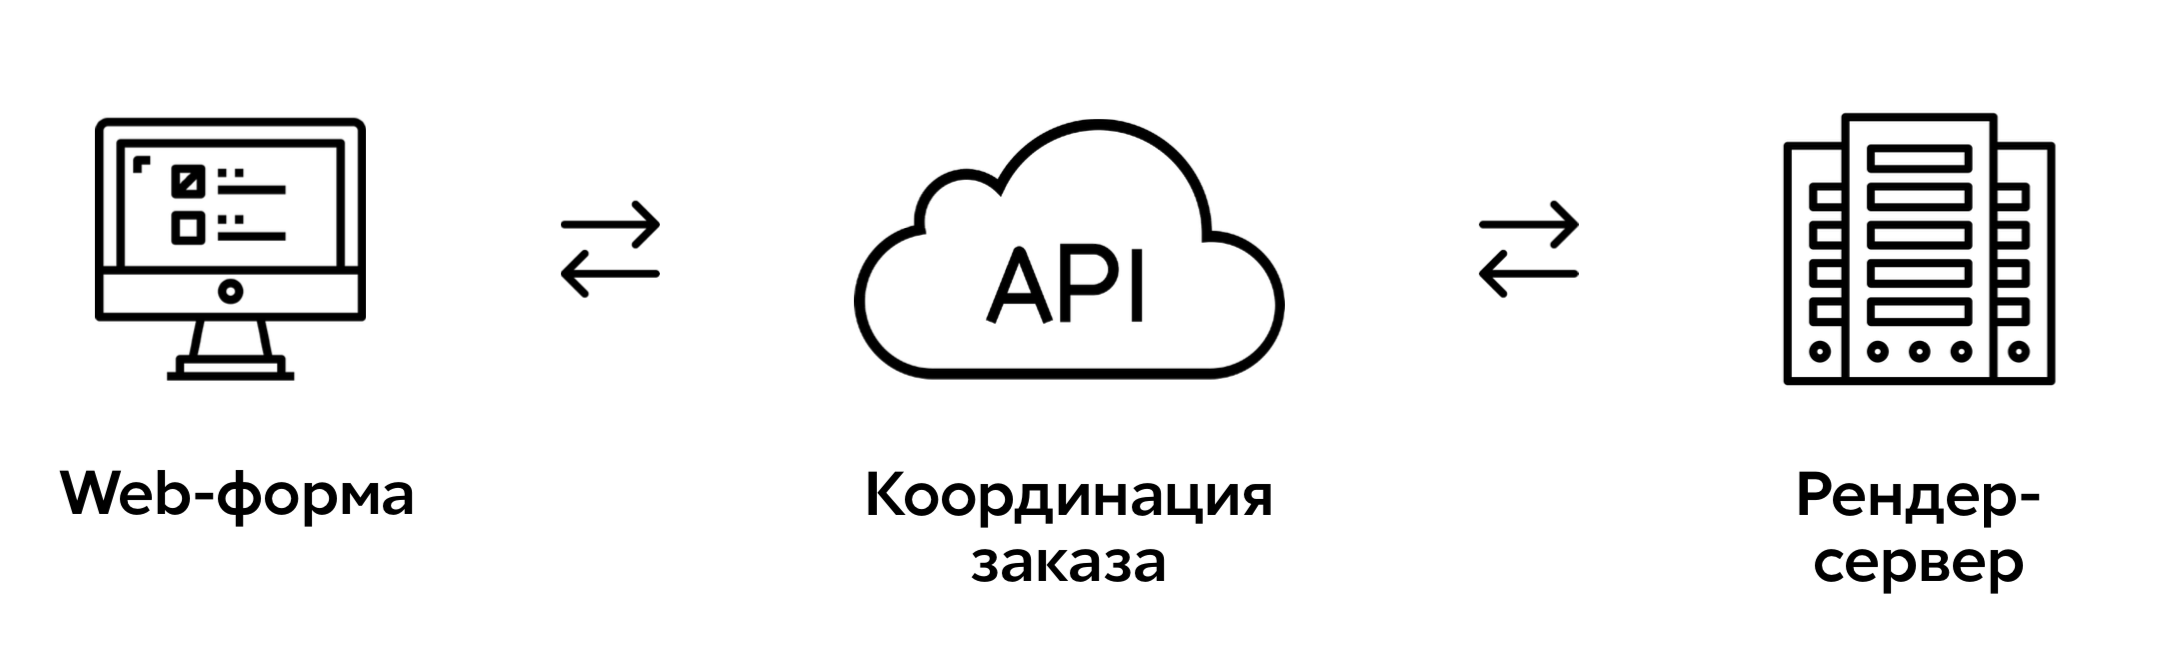 cloud_render1